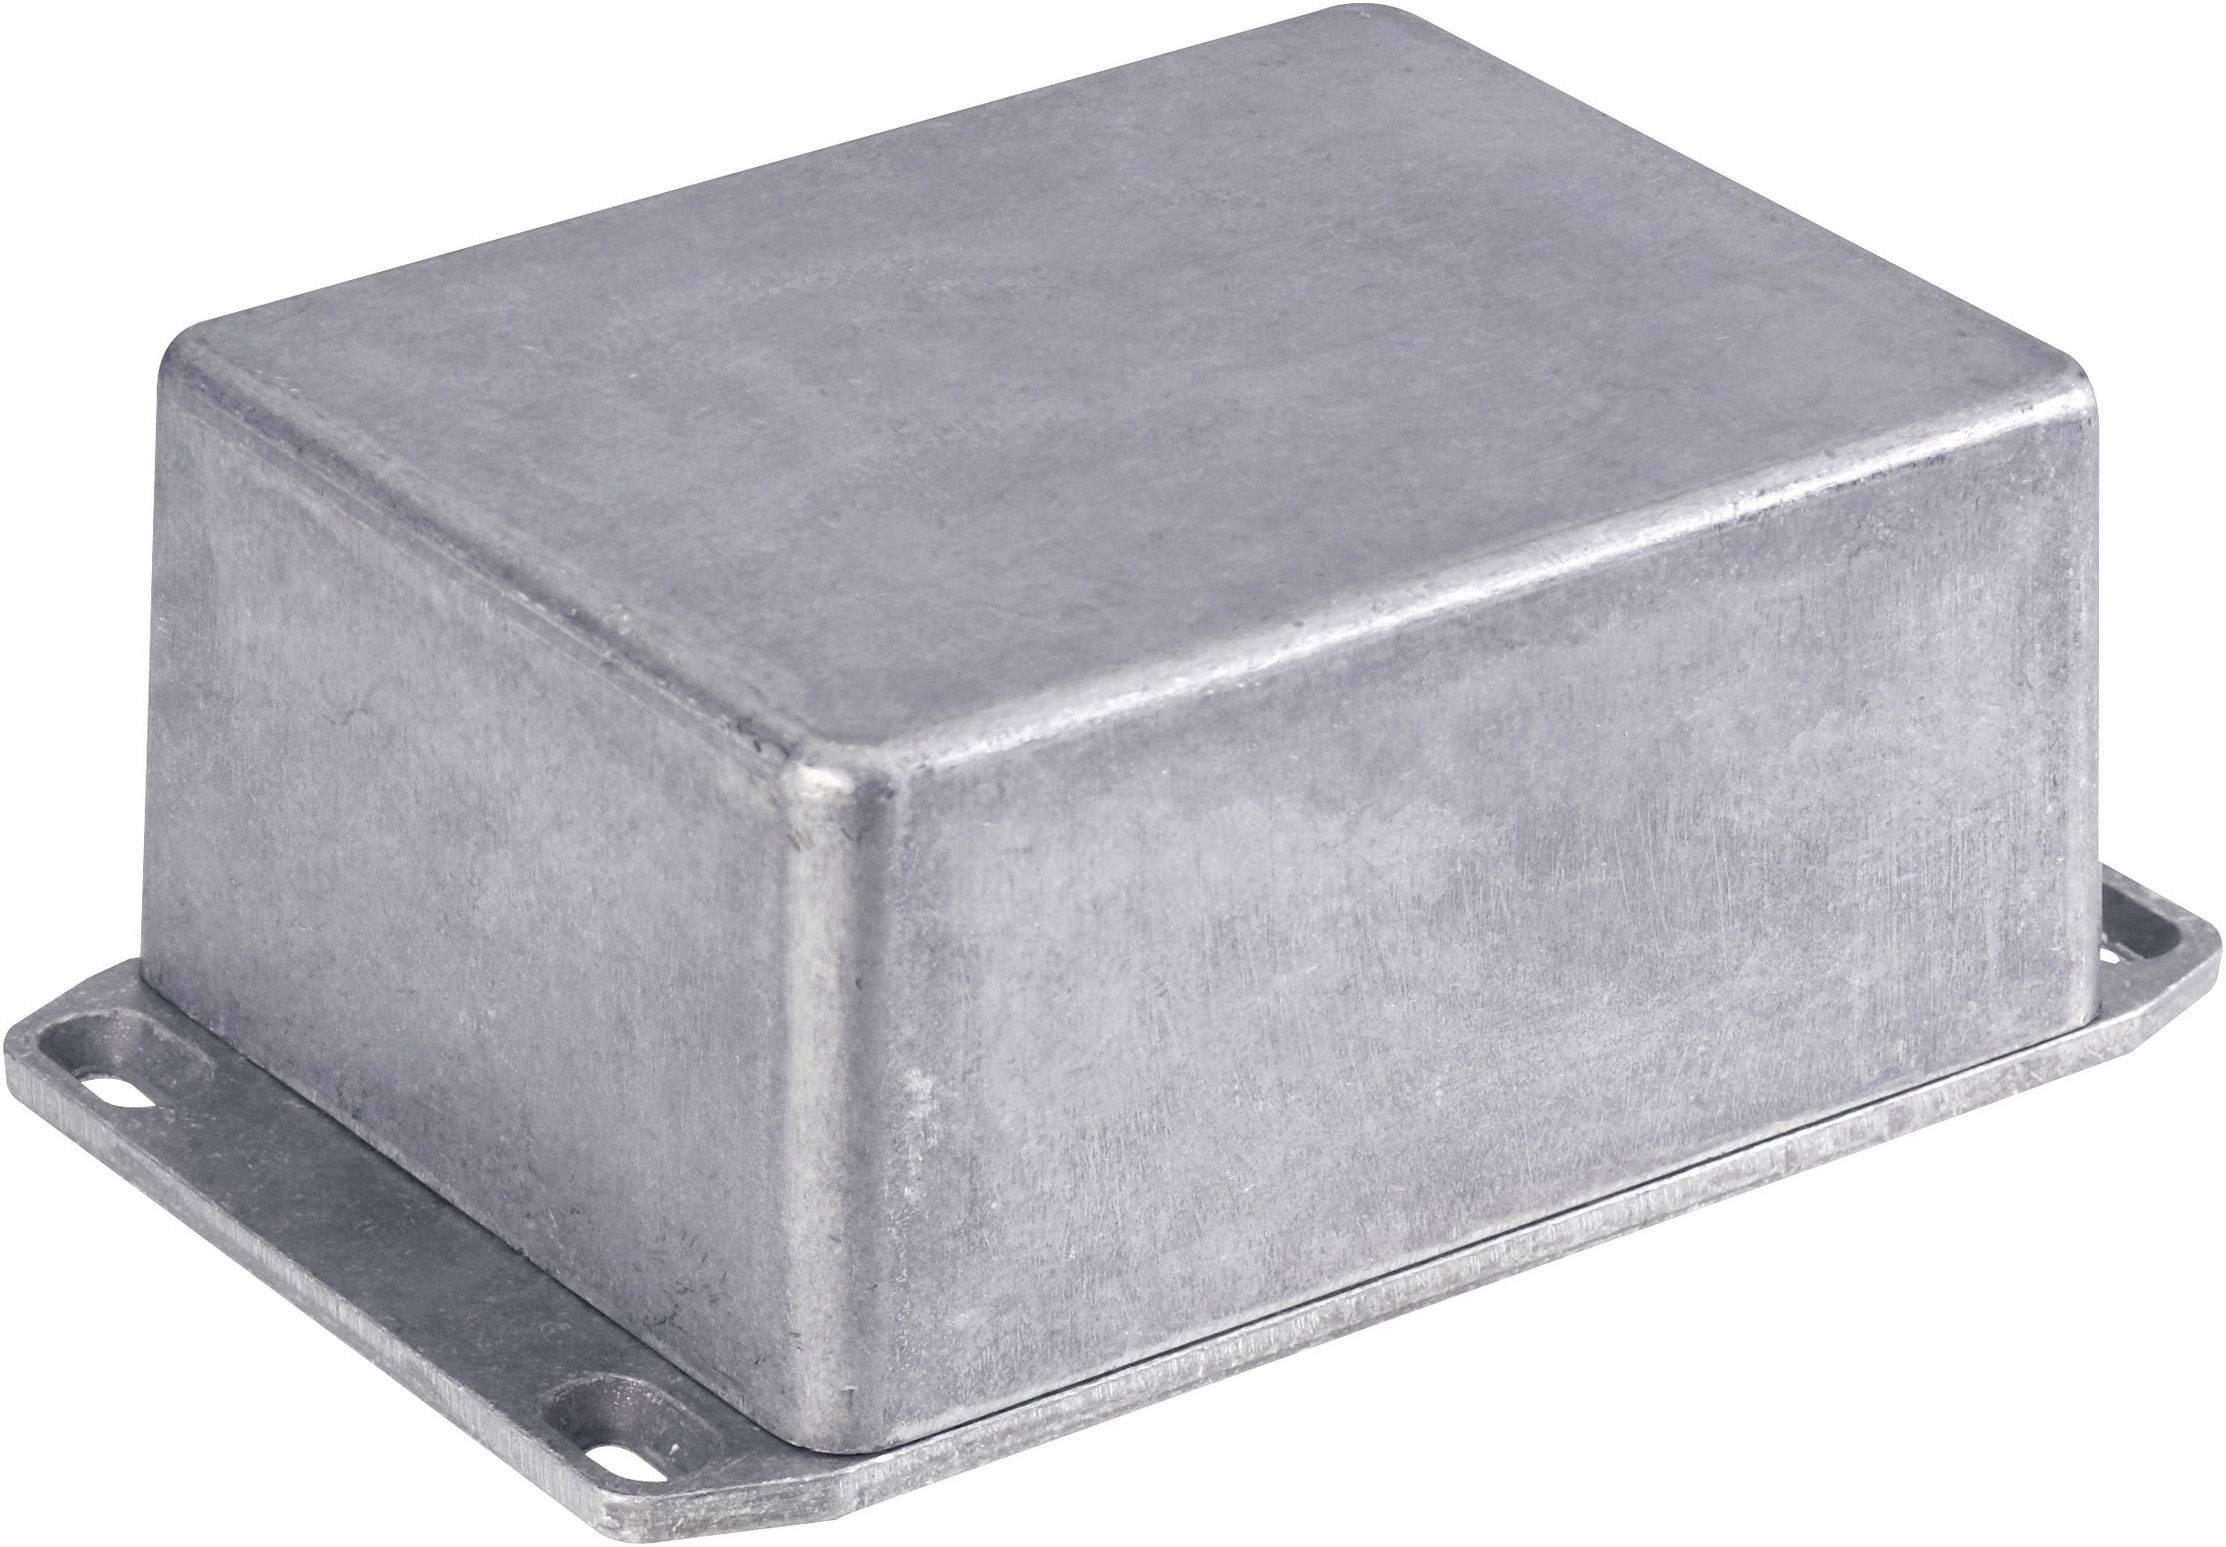 Tlakem lité hliníkové pouzdro Hammond Electronics, (d x š x v) 119,5 x 119,5 x 59 mm, hliníková